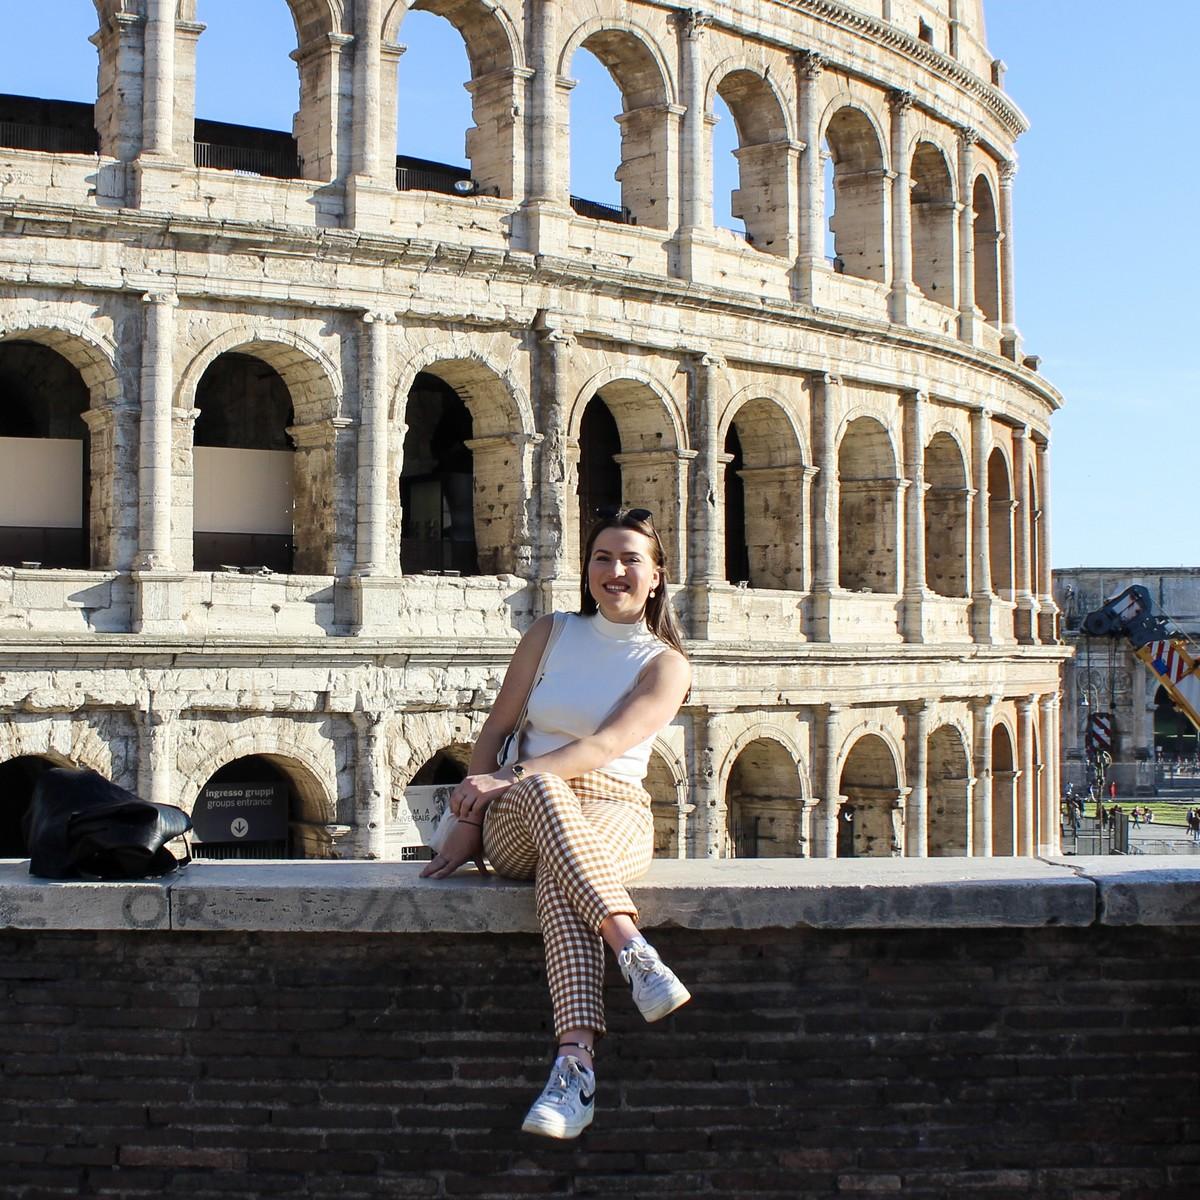 Voor het Colosseum in Rome